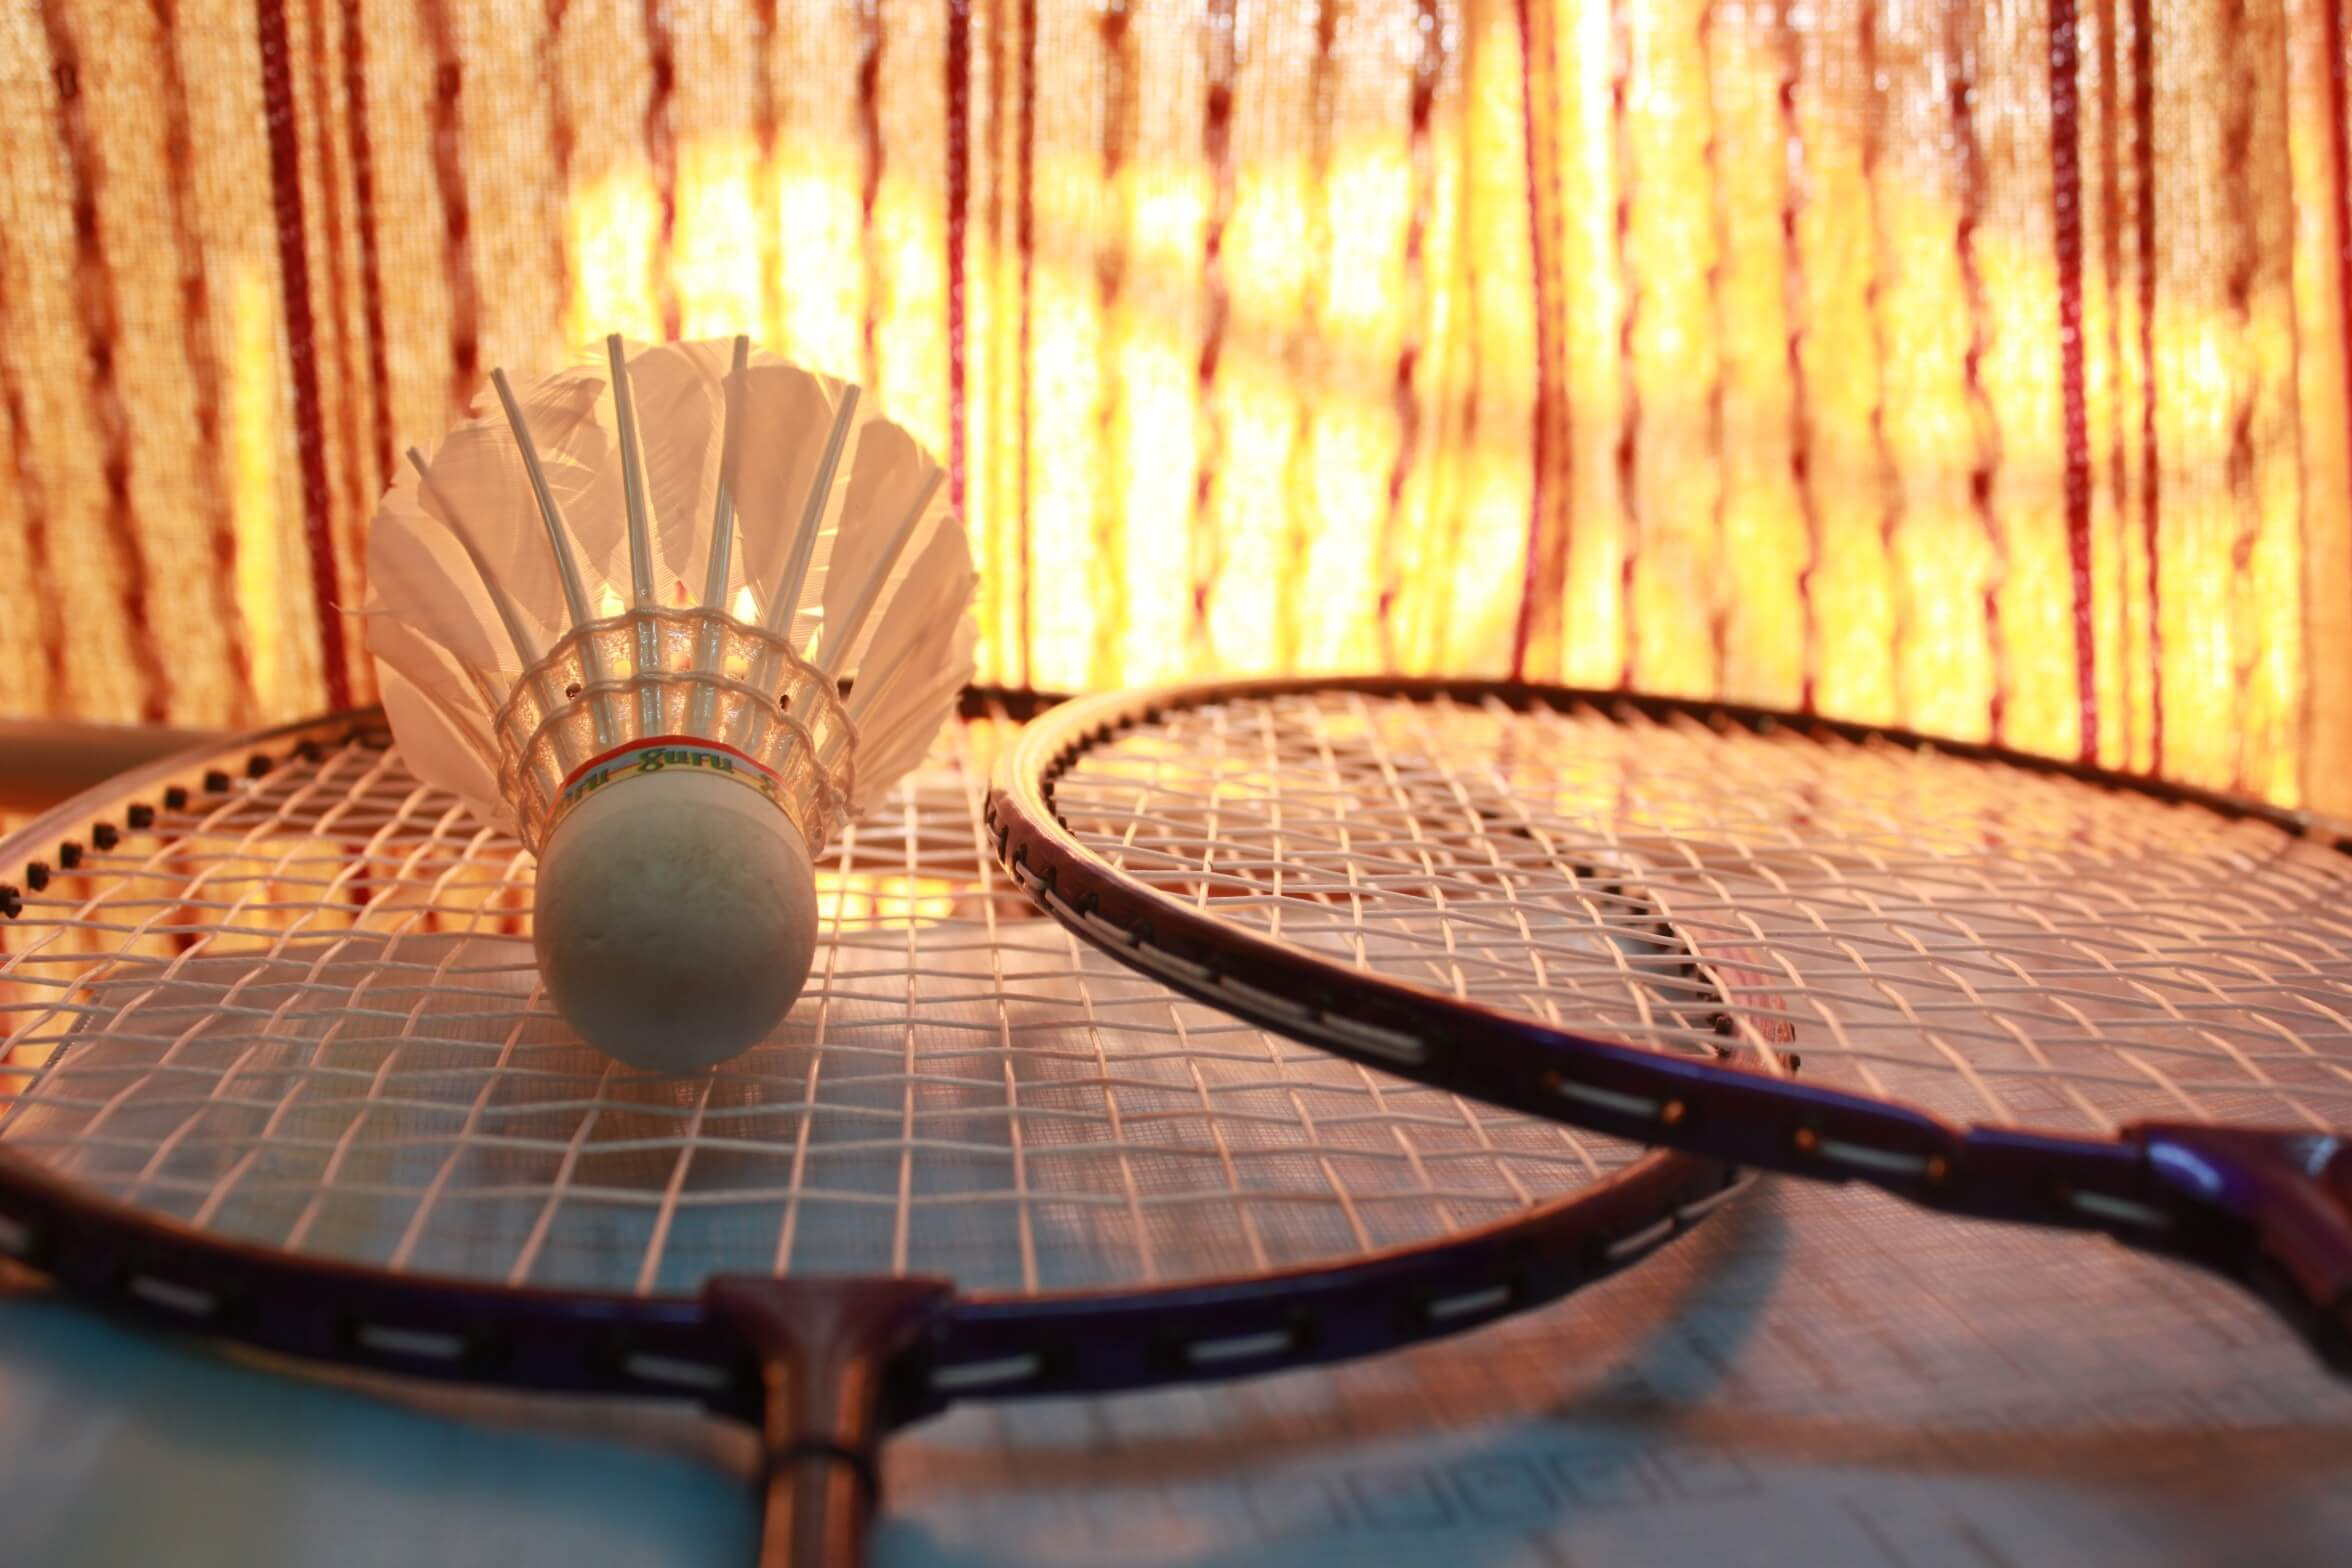 The Vodafone Premier Badminton League (V-PBL)